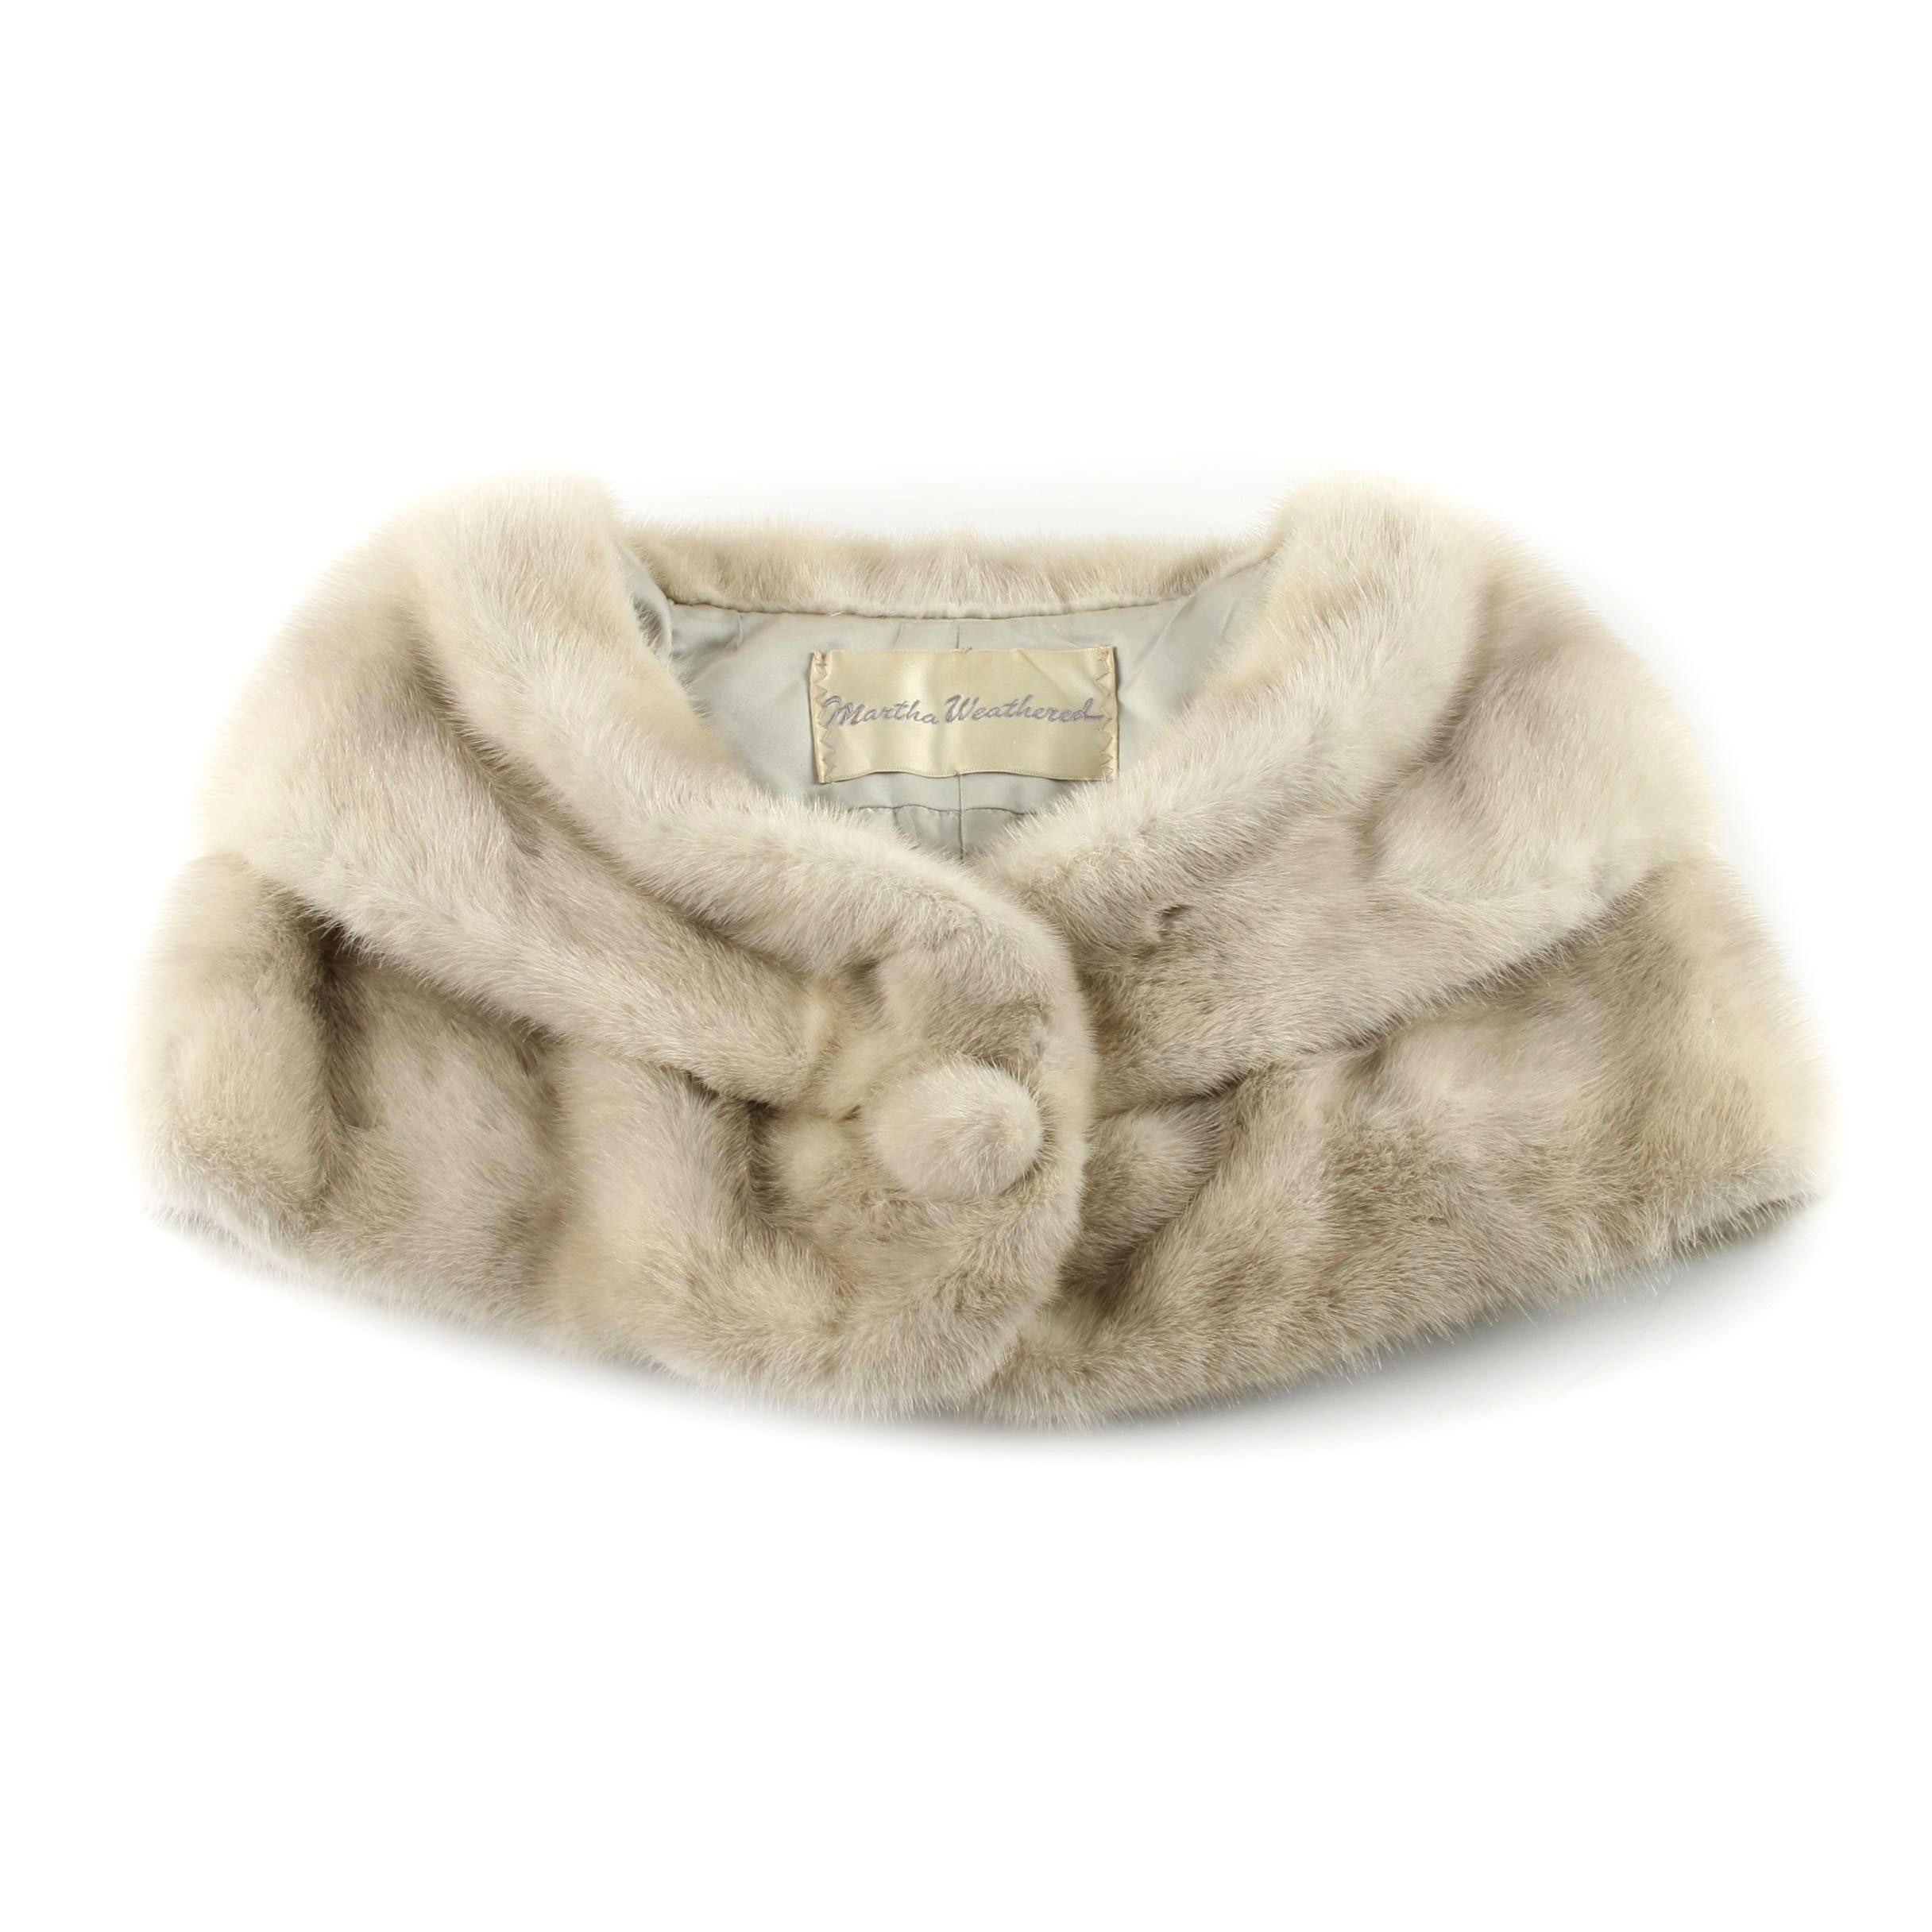 Vintage Martha Weathered Silver Mink Fur Shrug Capelet